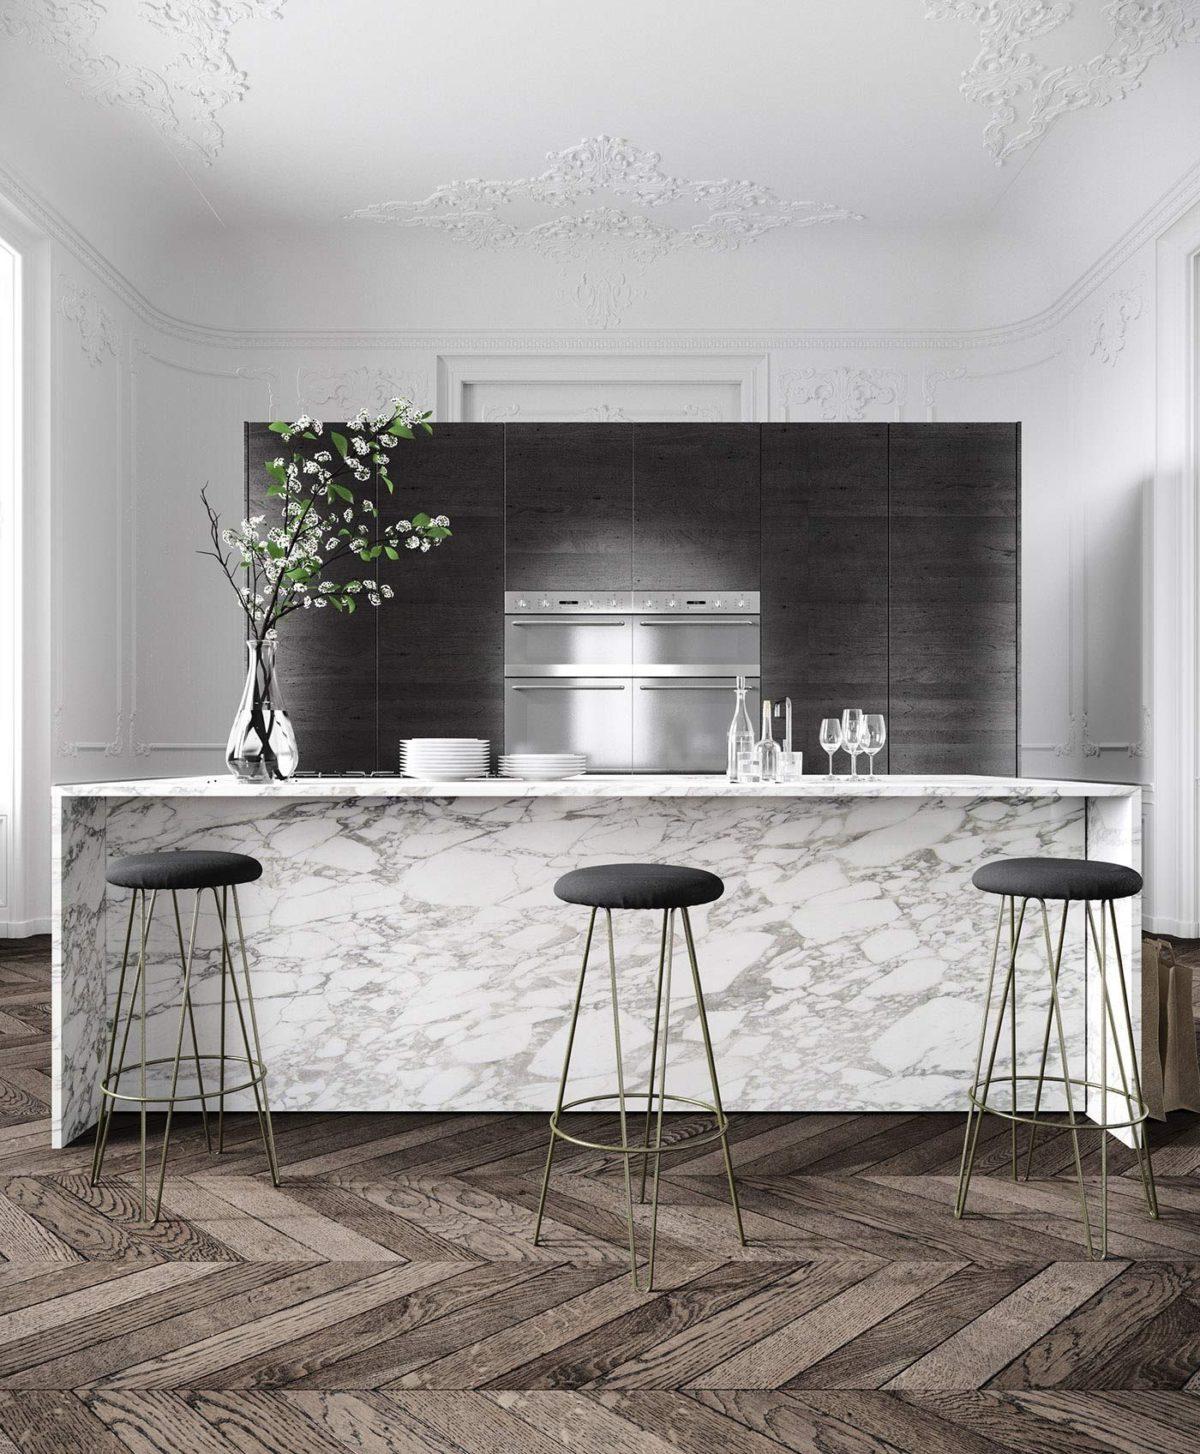 Modern Kitchen with Black Cupboards